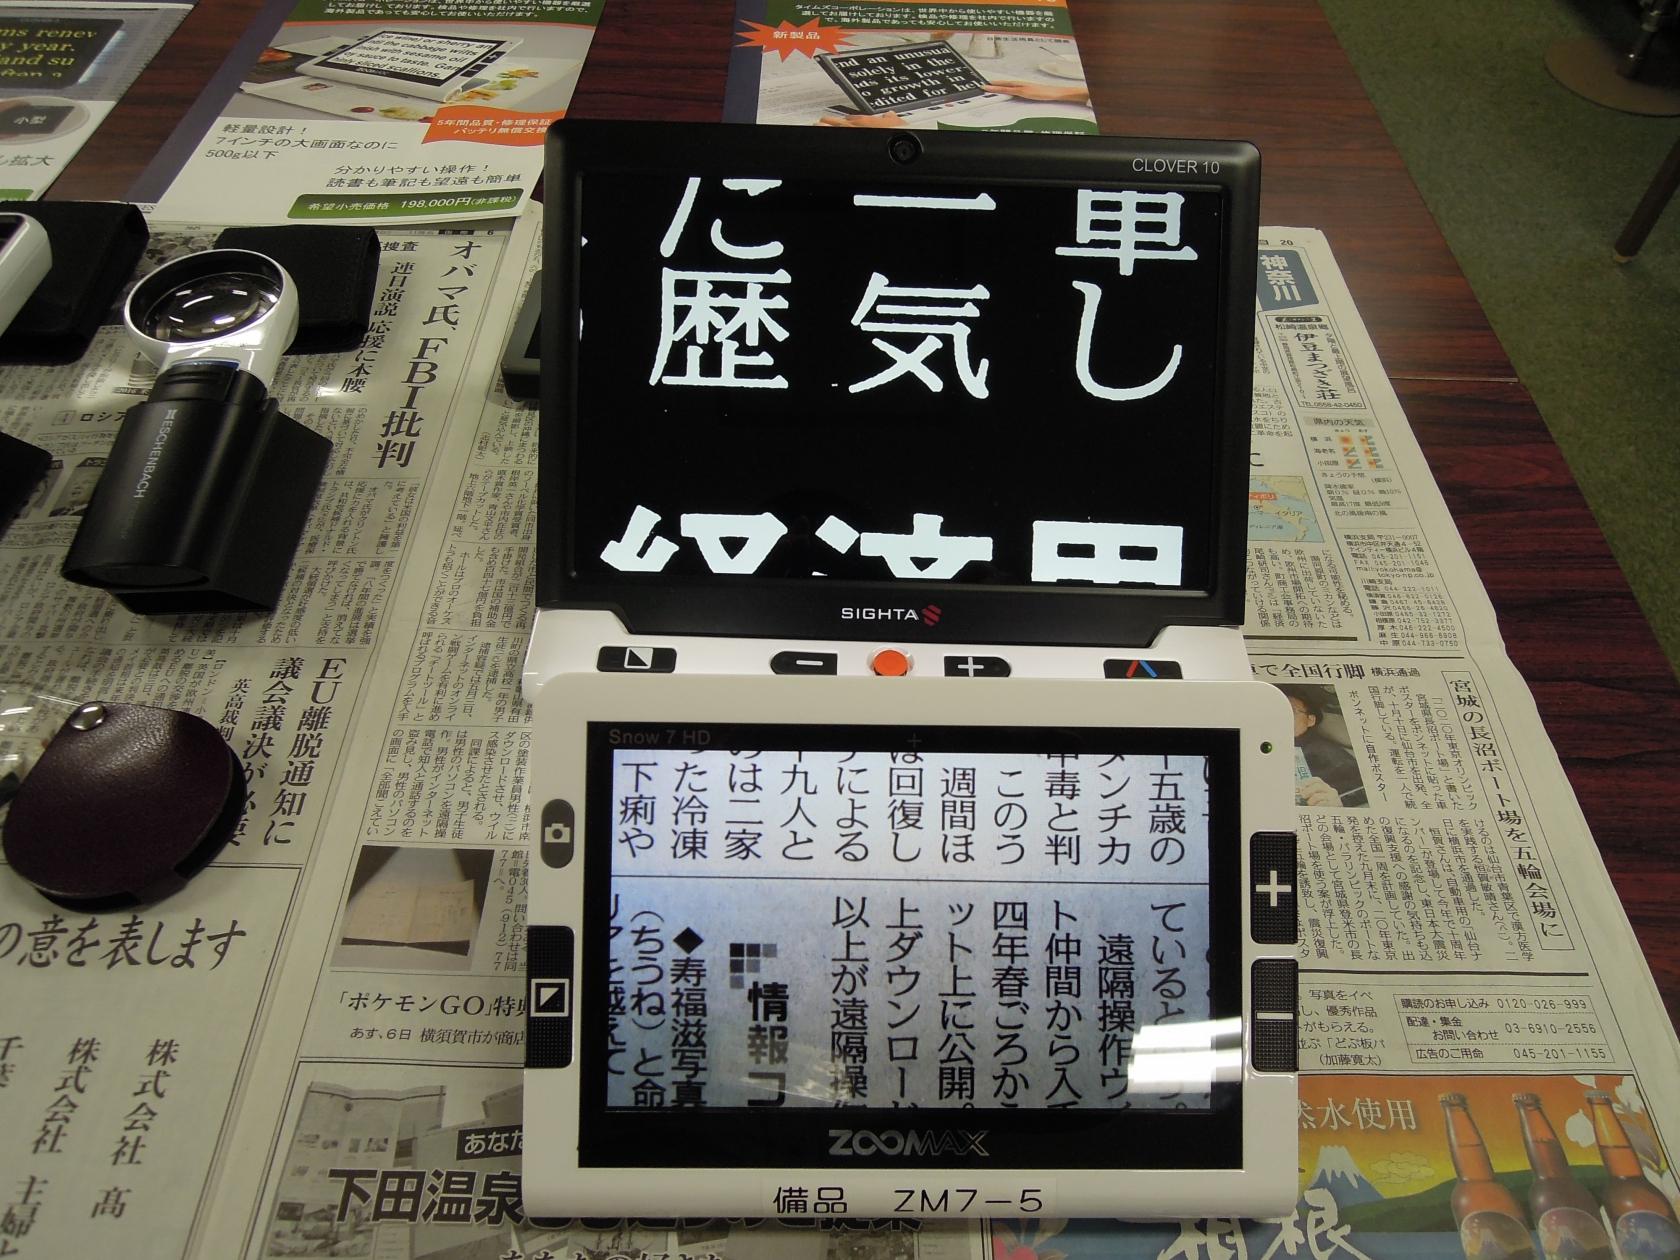 藤沢障がい者生活支援センターから「視覚障がい者リハビリテーション体験会」を開催しました。